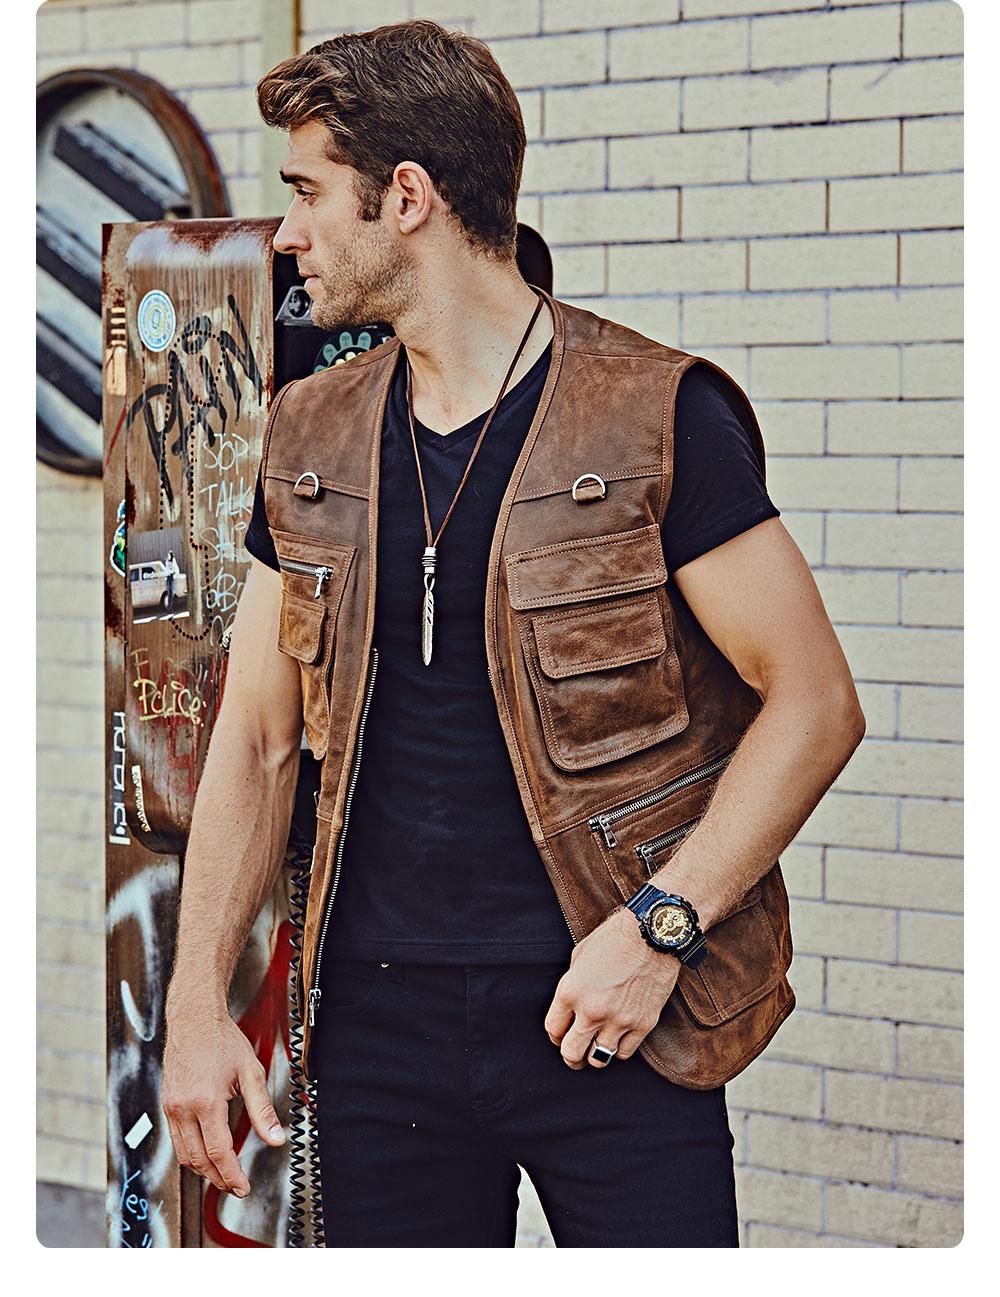 H4da9a6146b2743568ba1808559463fd2i FLAVOR New Men's Real Leather Vest Men's Motorcycle Fishing Outdoor Travel Vests